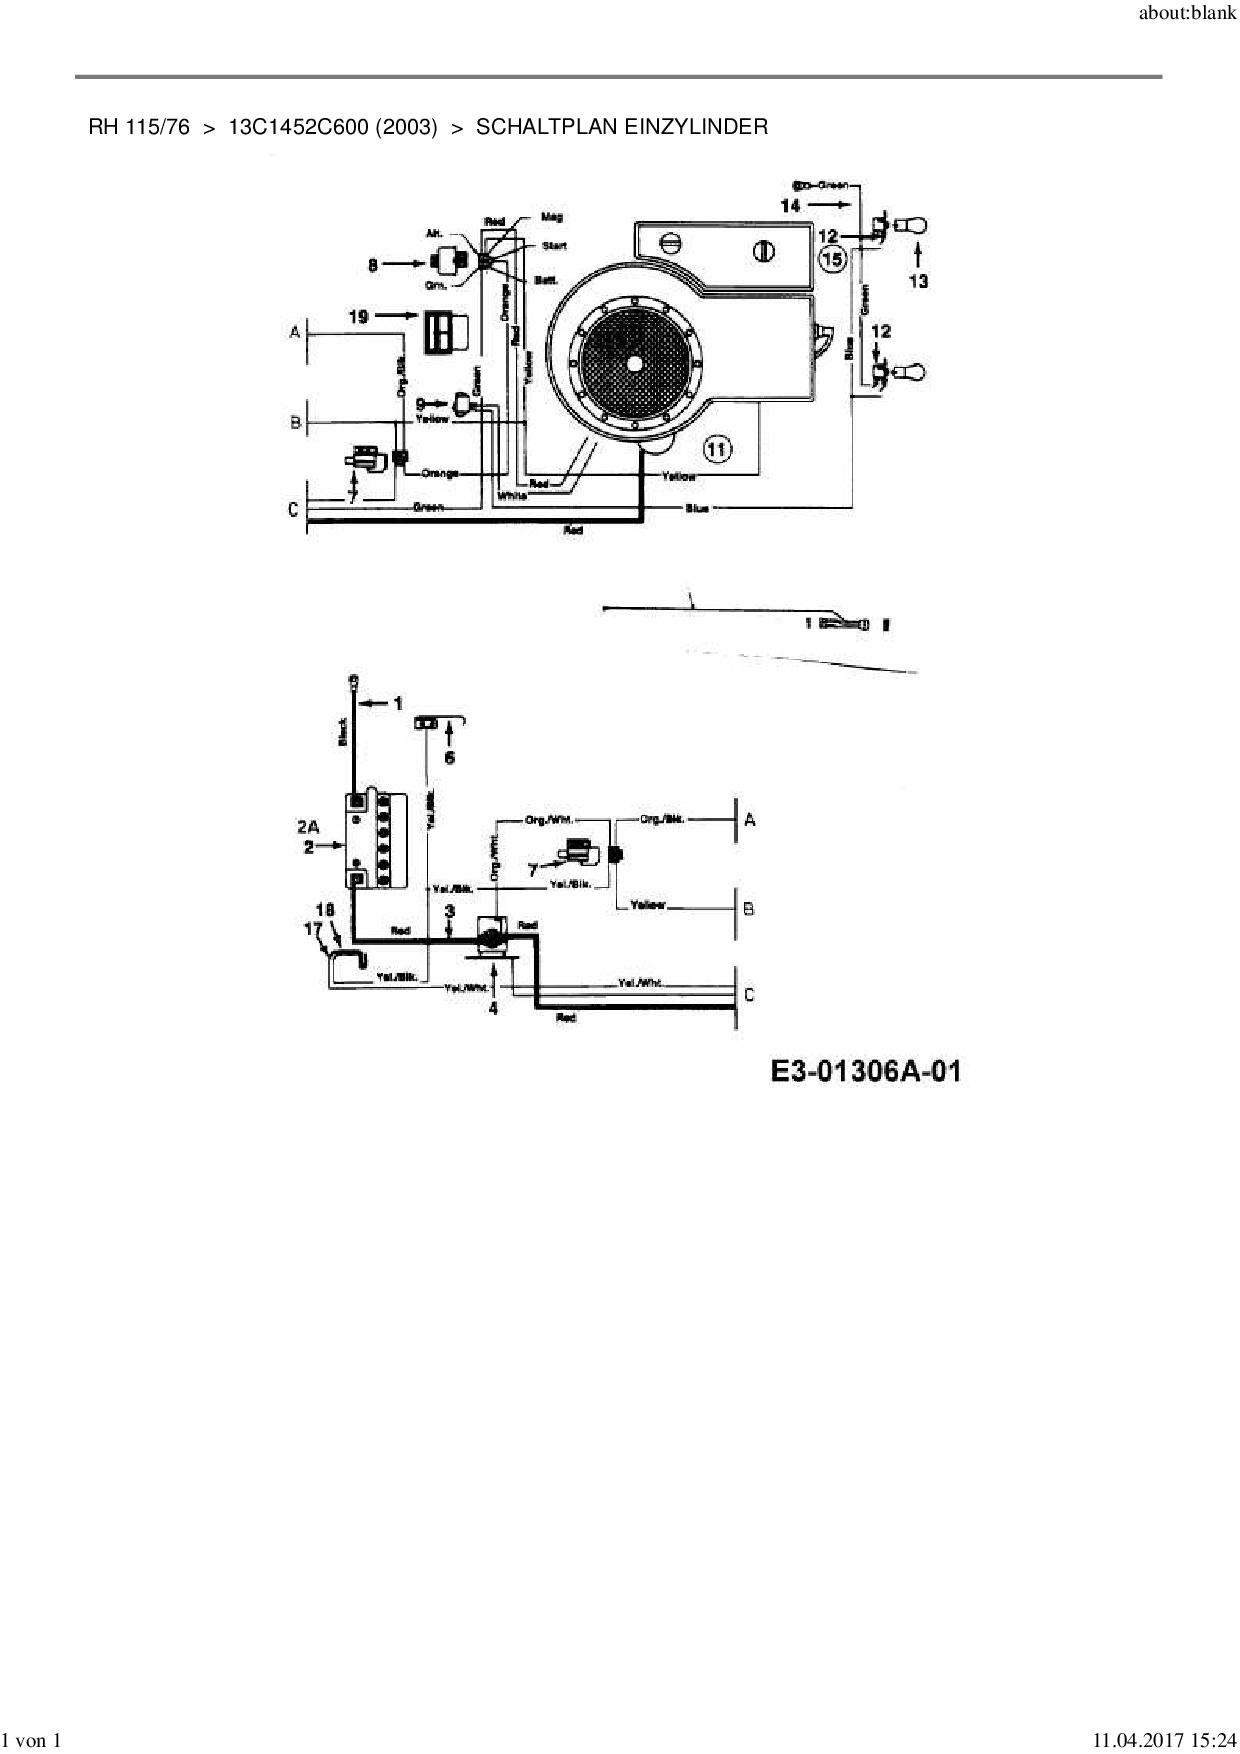 Ersatzteile Von Mtd Rasentraktor Rh 115 76 Aus Der Zeichnung Schaltpl Download The Schematic In Pdf Format Ersatzteil Schaltplan Einzylinder